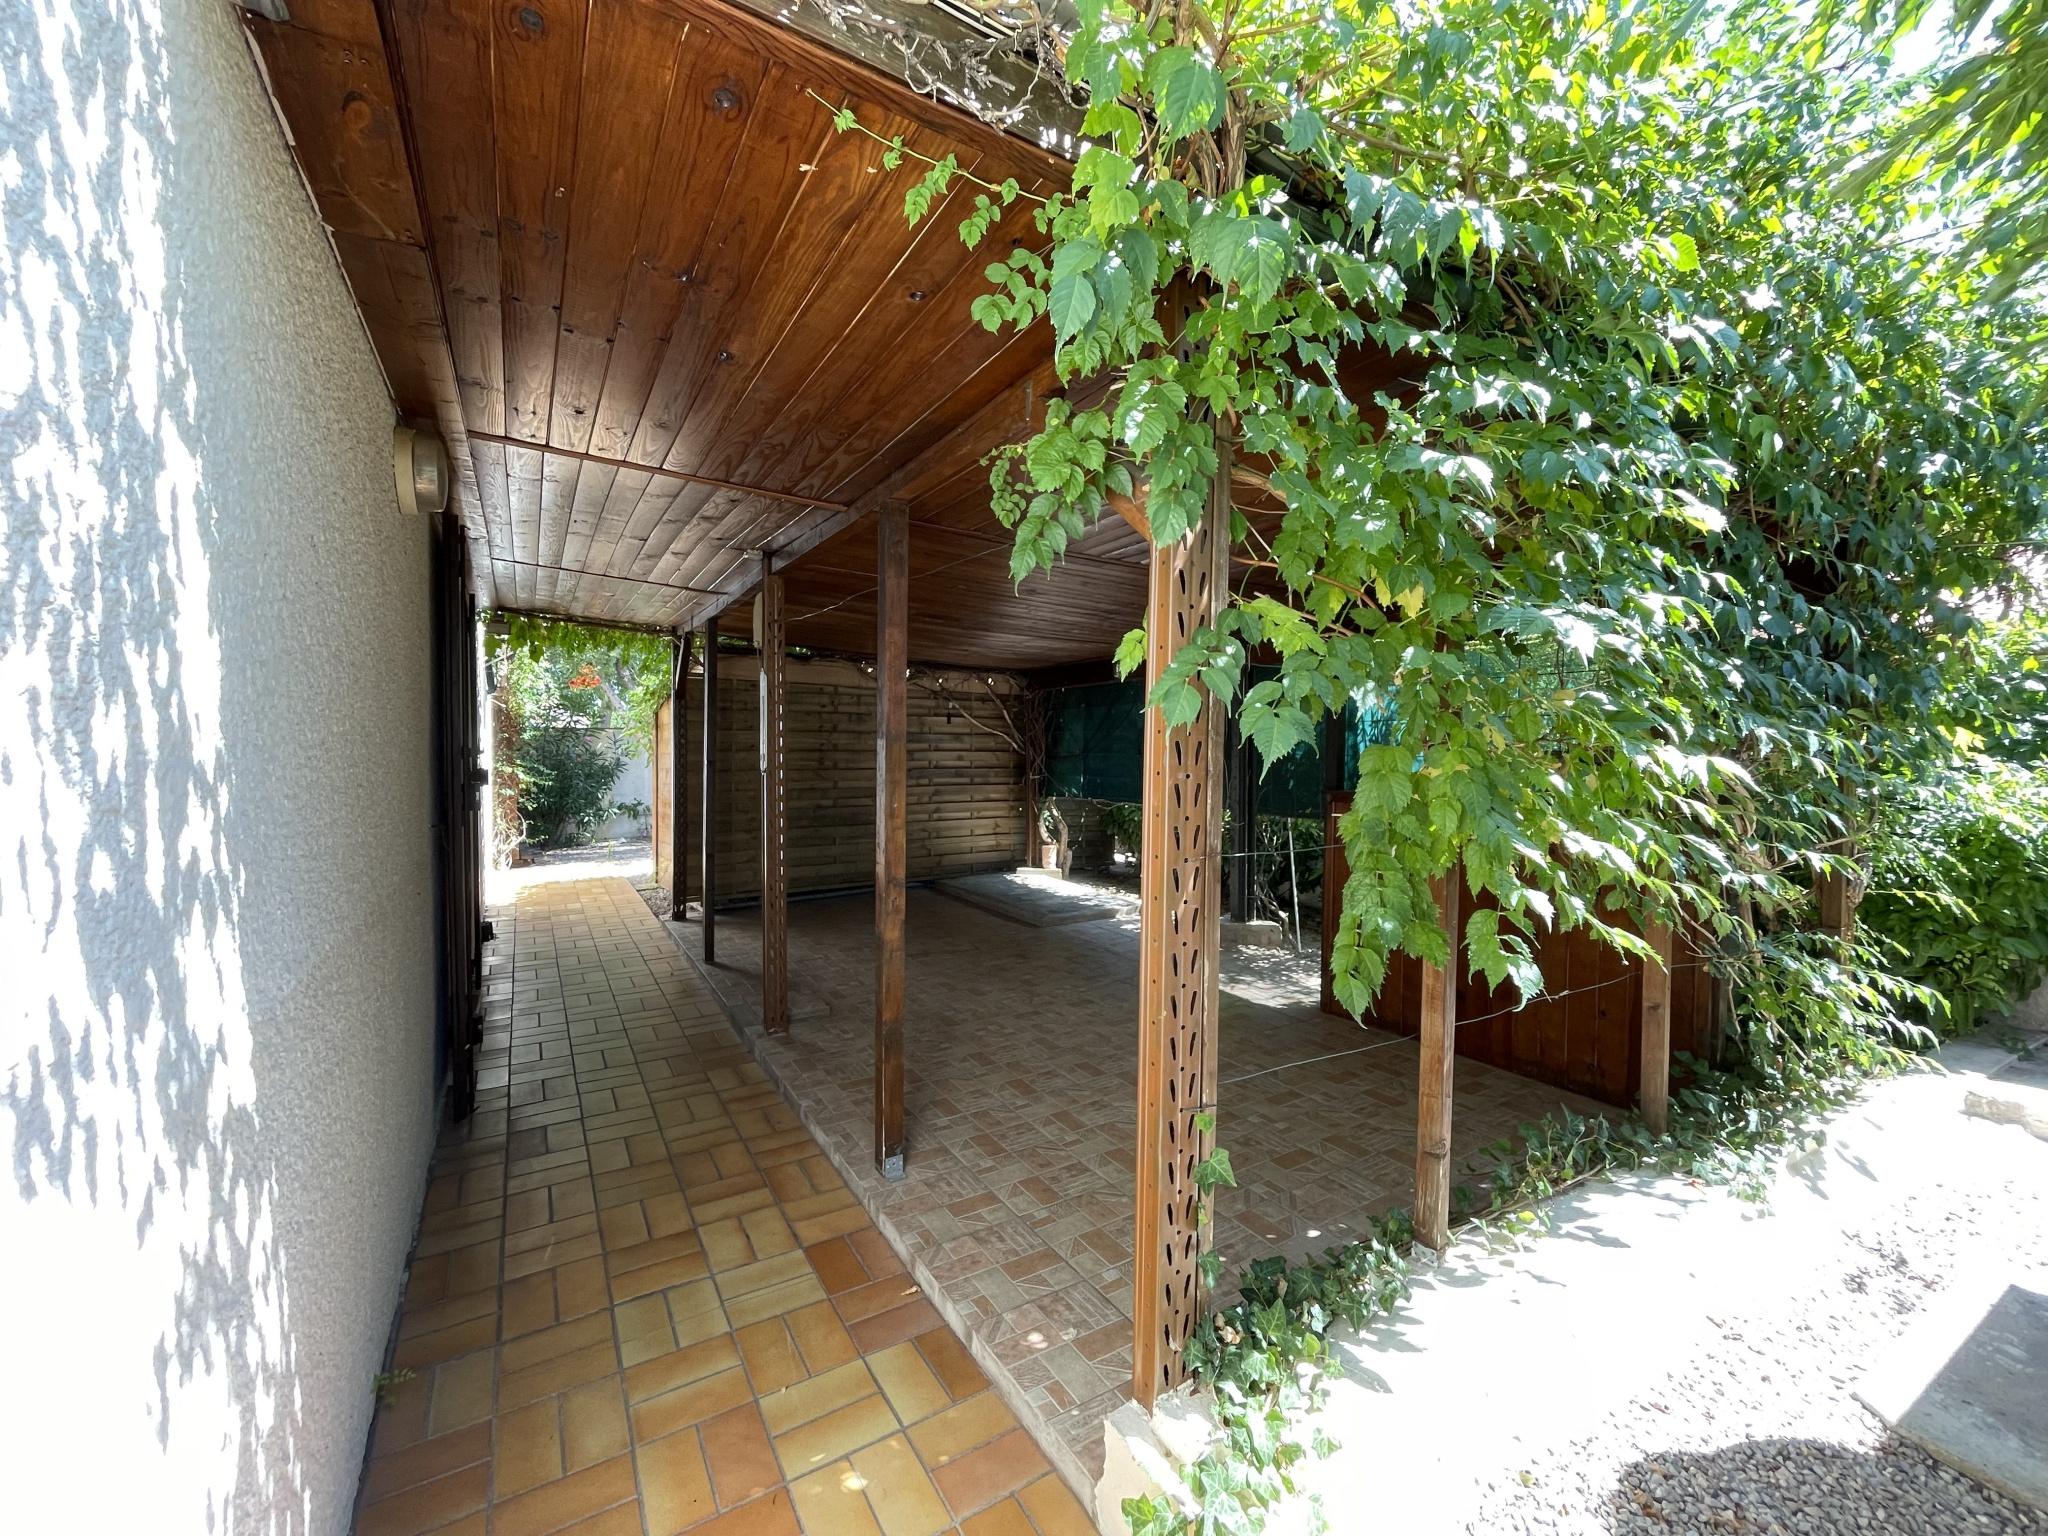 À vendre maison/villa de 100m2 à st genis des fontaines (66740) - Photo 4'